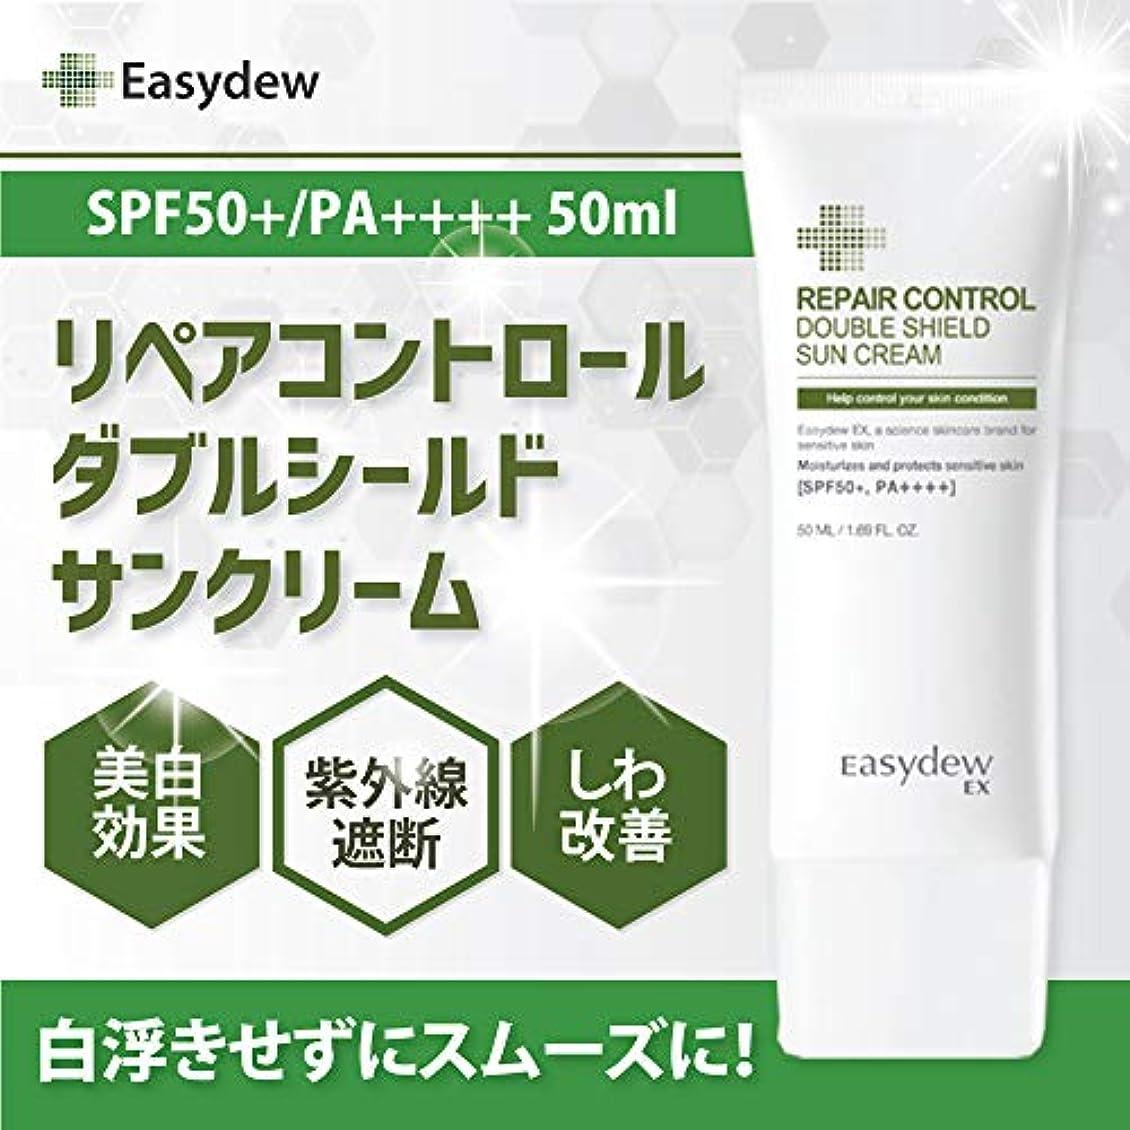 排気便利確実デウン製薬 リペア コントロール ダブル シールド サン?クリーム SPF50+/PA++++ 50ml. Repair Control Double Shild Sun Cream SPF50+/PA++++ 50ml.